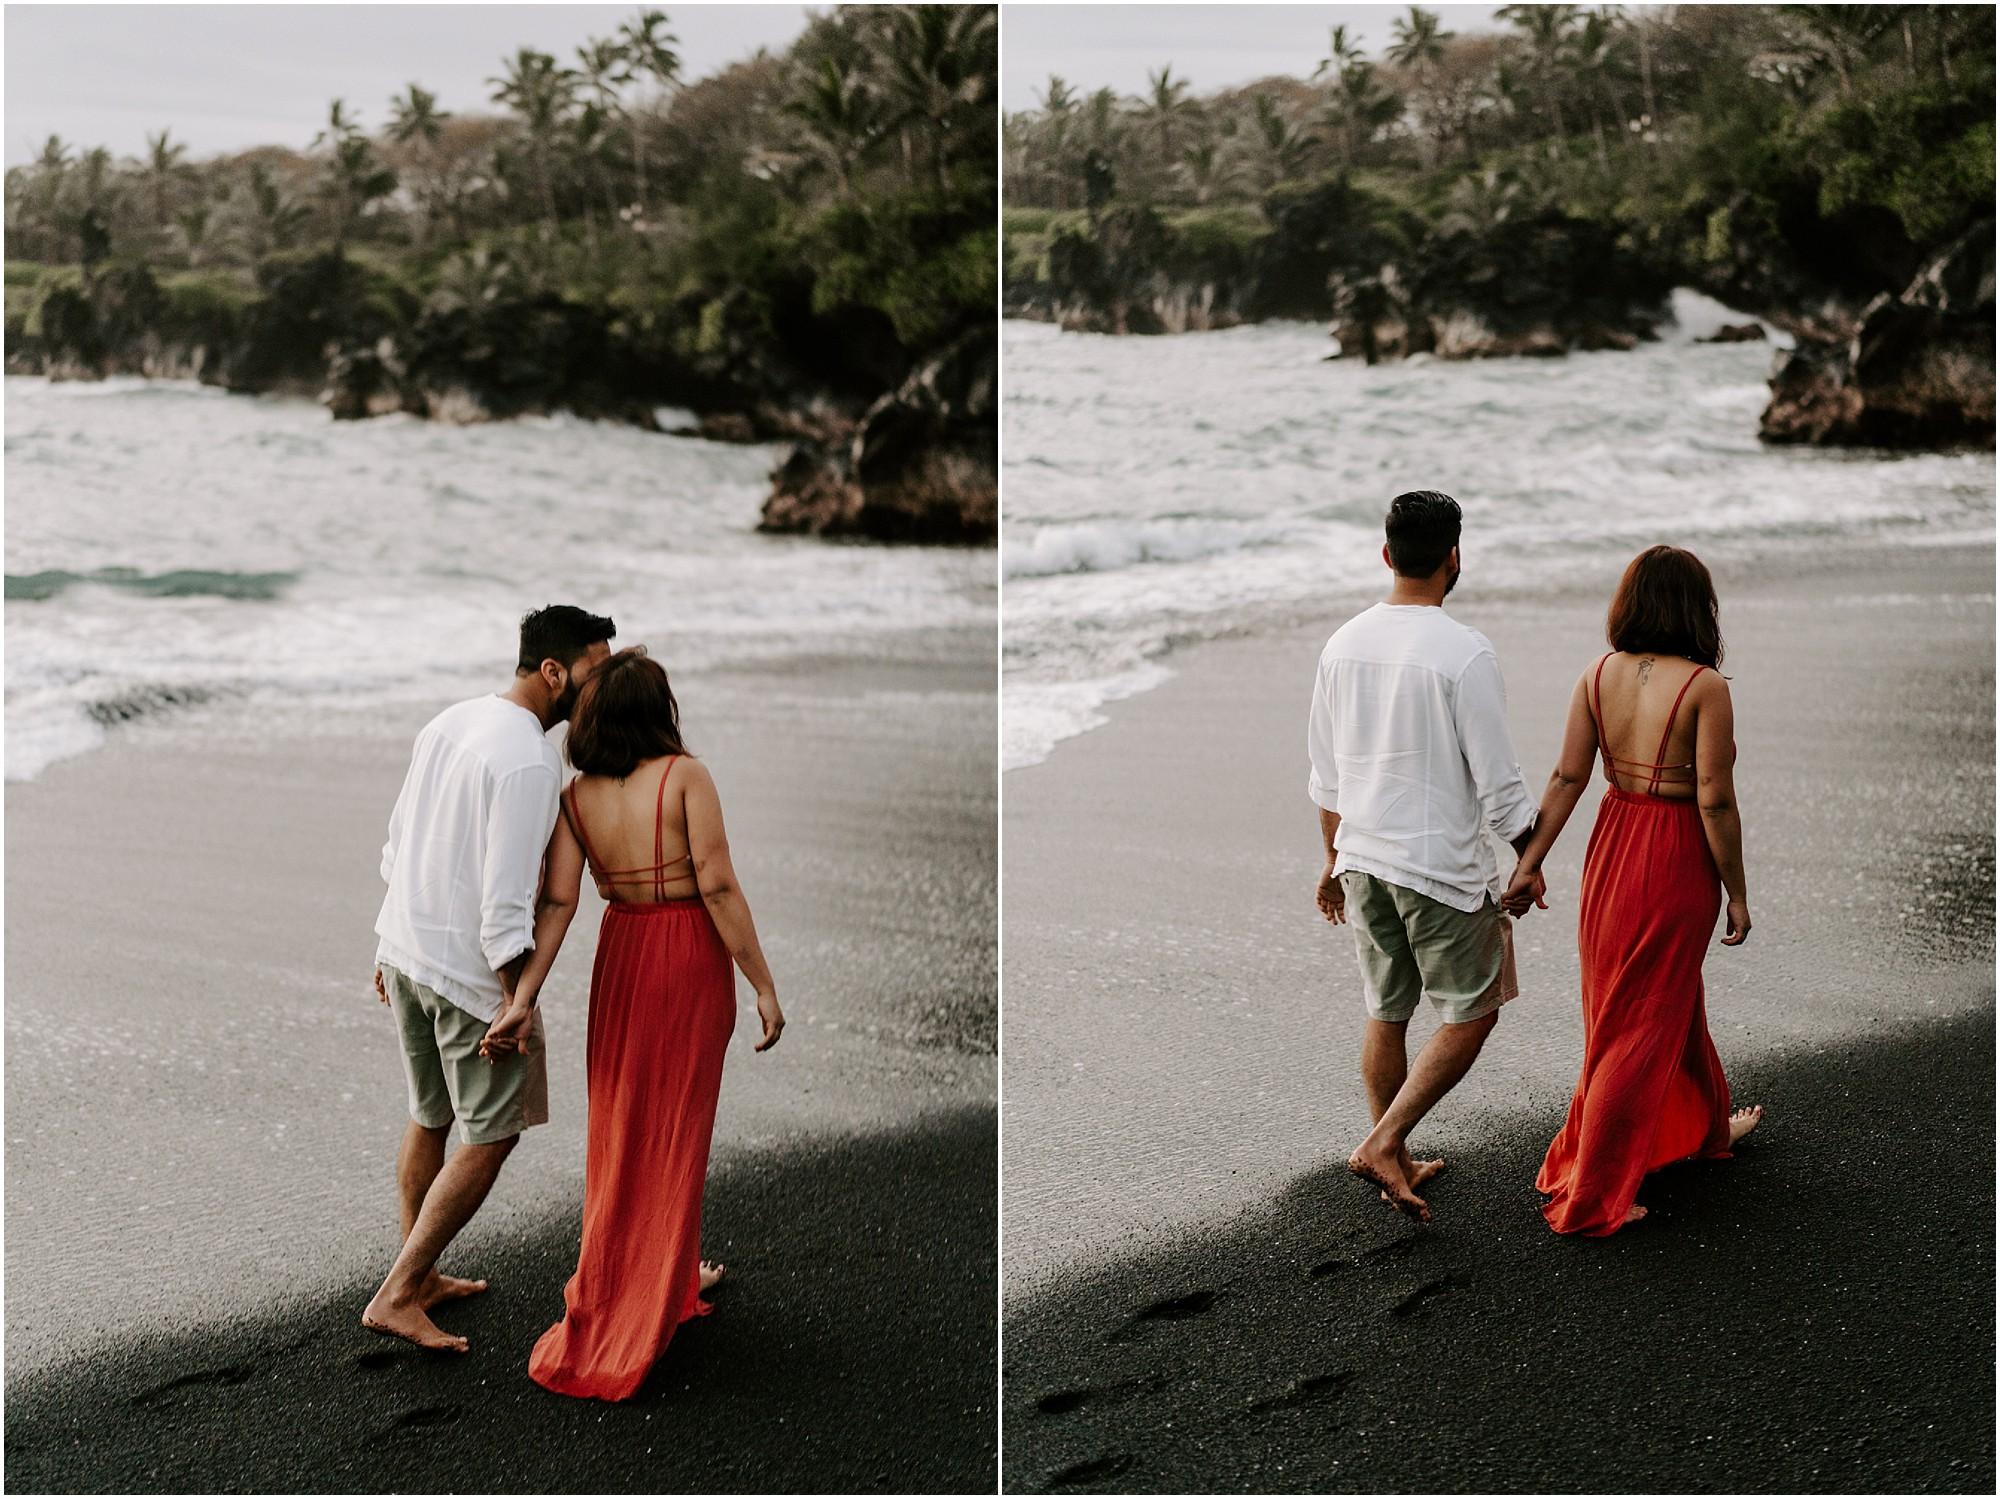 black-sand-beach-maui-hawaii-elopement-photographer_0004.jpg